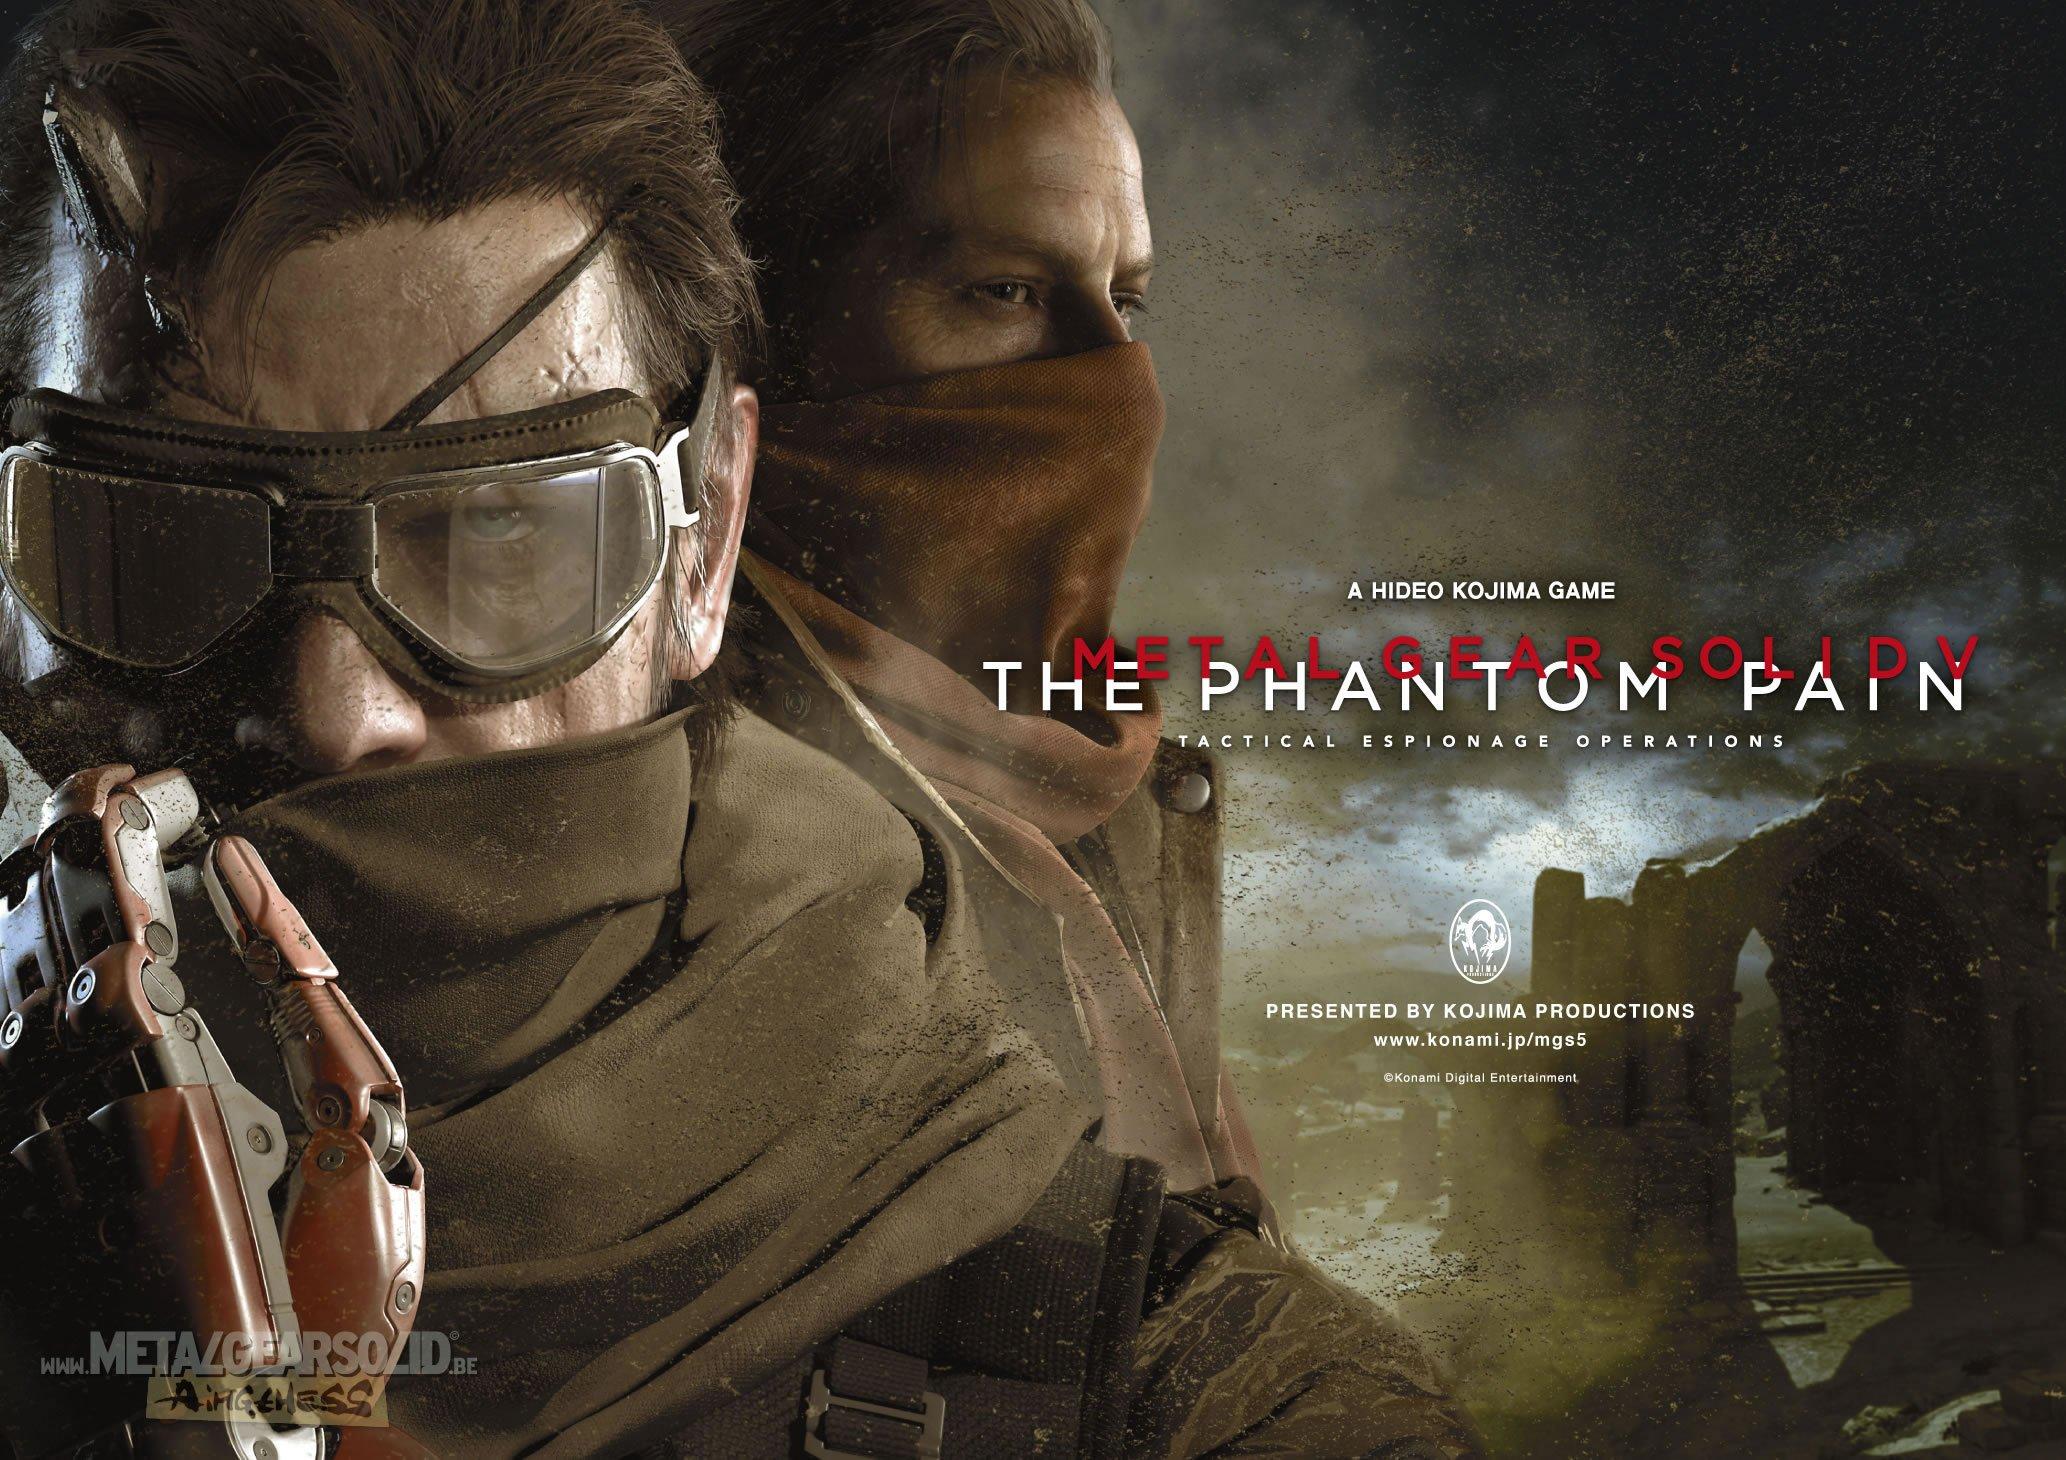 PC-версия Metal Gear Solid 5 подоспеет к 15-му сентября - Изображение 1